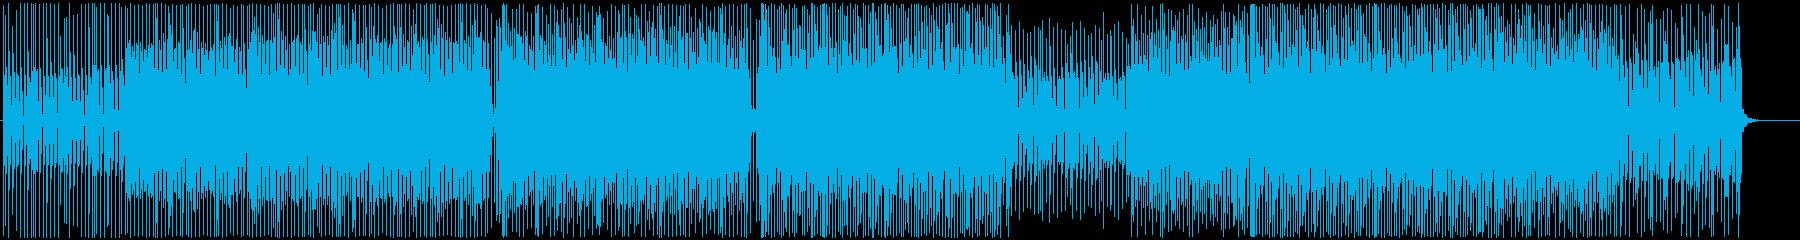 可愛い-モダン-軽快-ハウス-番組-動画の再生済みの波形